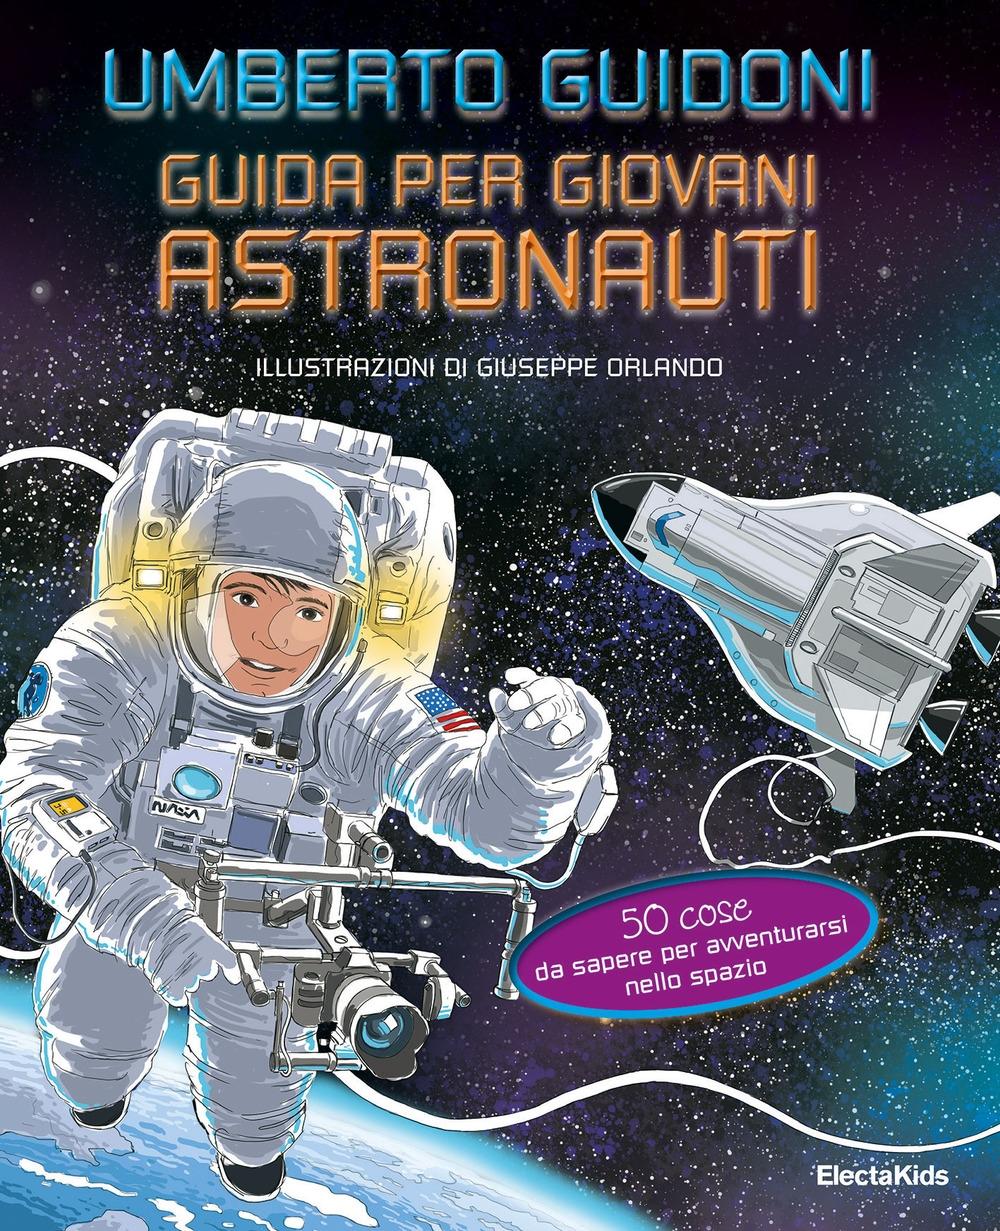 Guida per giovani astronauti. 50 cose da sapere per avventurarsi nello spazio